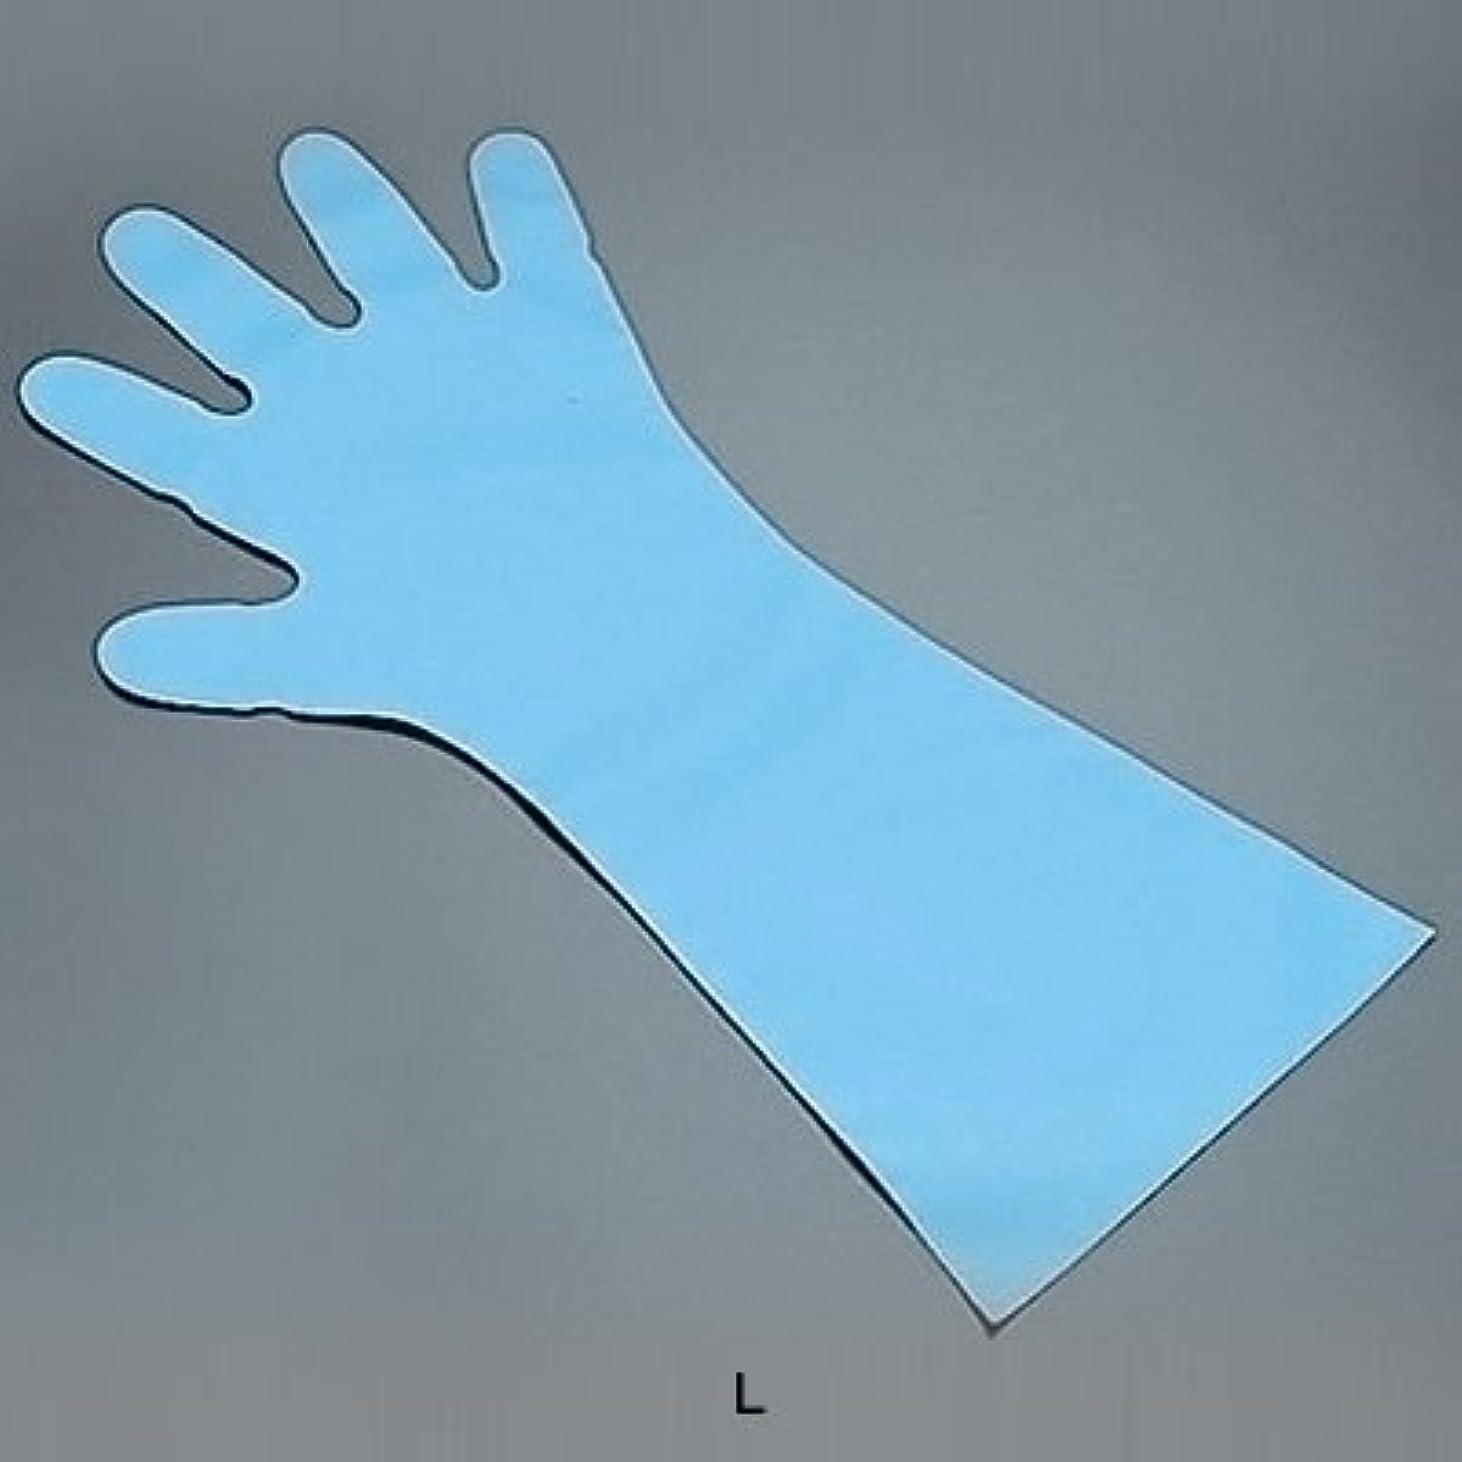 飲み込む飾るクリスマスエンボス手袋 五本絞り ロング#50 (1袋50枚入) L 全長45cm <ブルー>